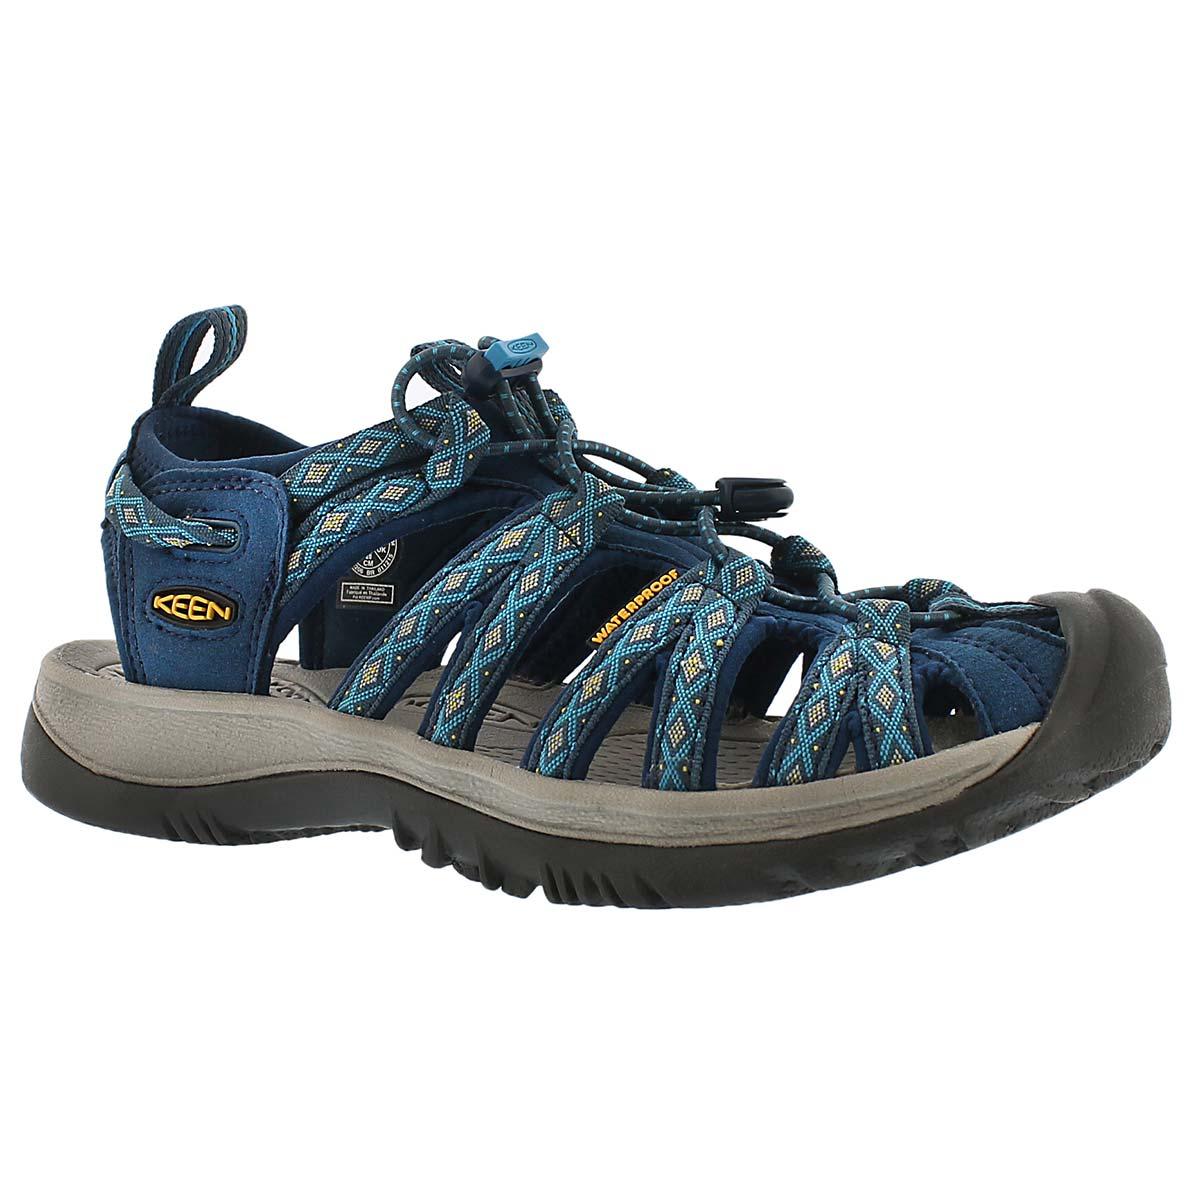 Lds Whisper poseidon/blue sport sandal